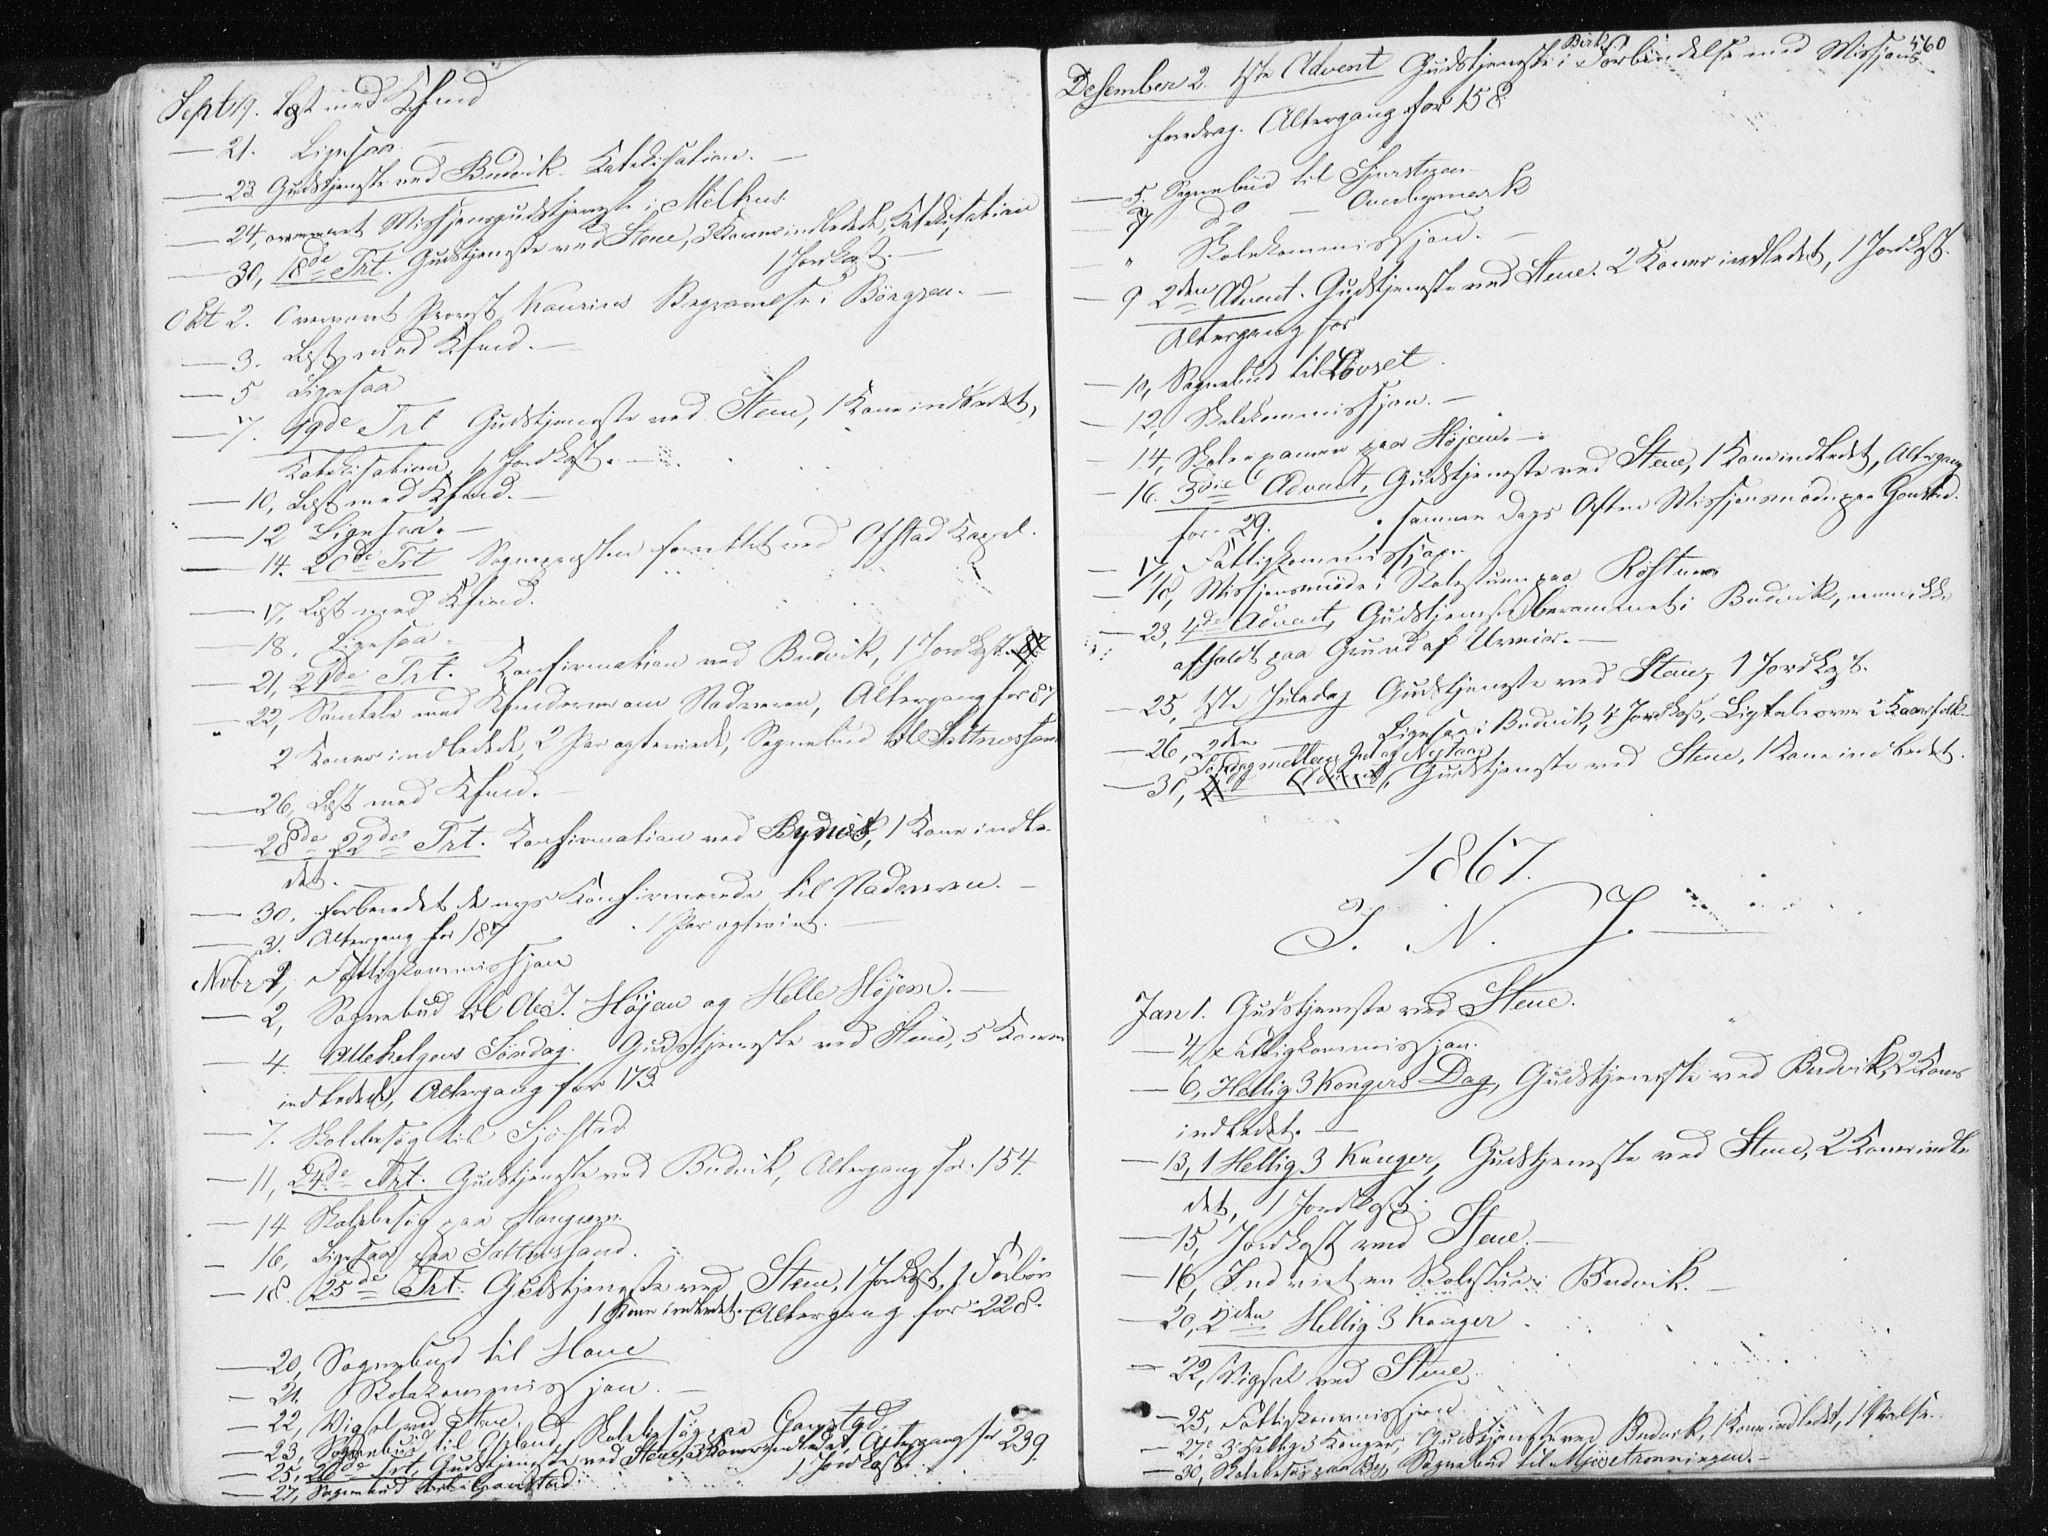 SAT, Ministerialprotokoller, klokkerbøker og fødselsregistre - Sør-Trøndelag, 612/L0377: Ministerialbok nr. 612A09, 1859-1877, s. 560